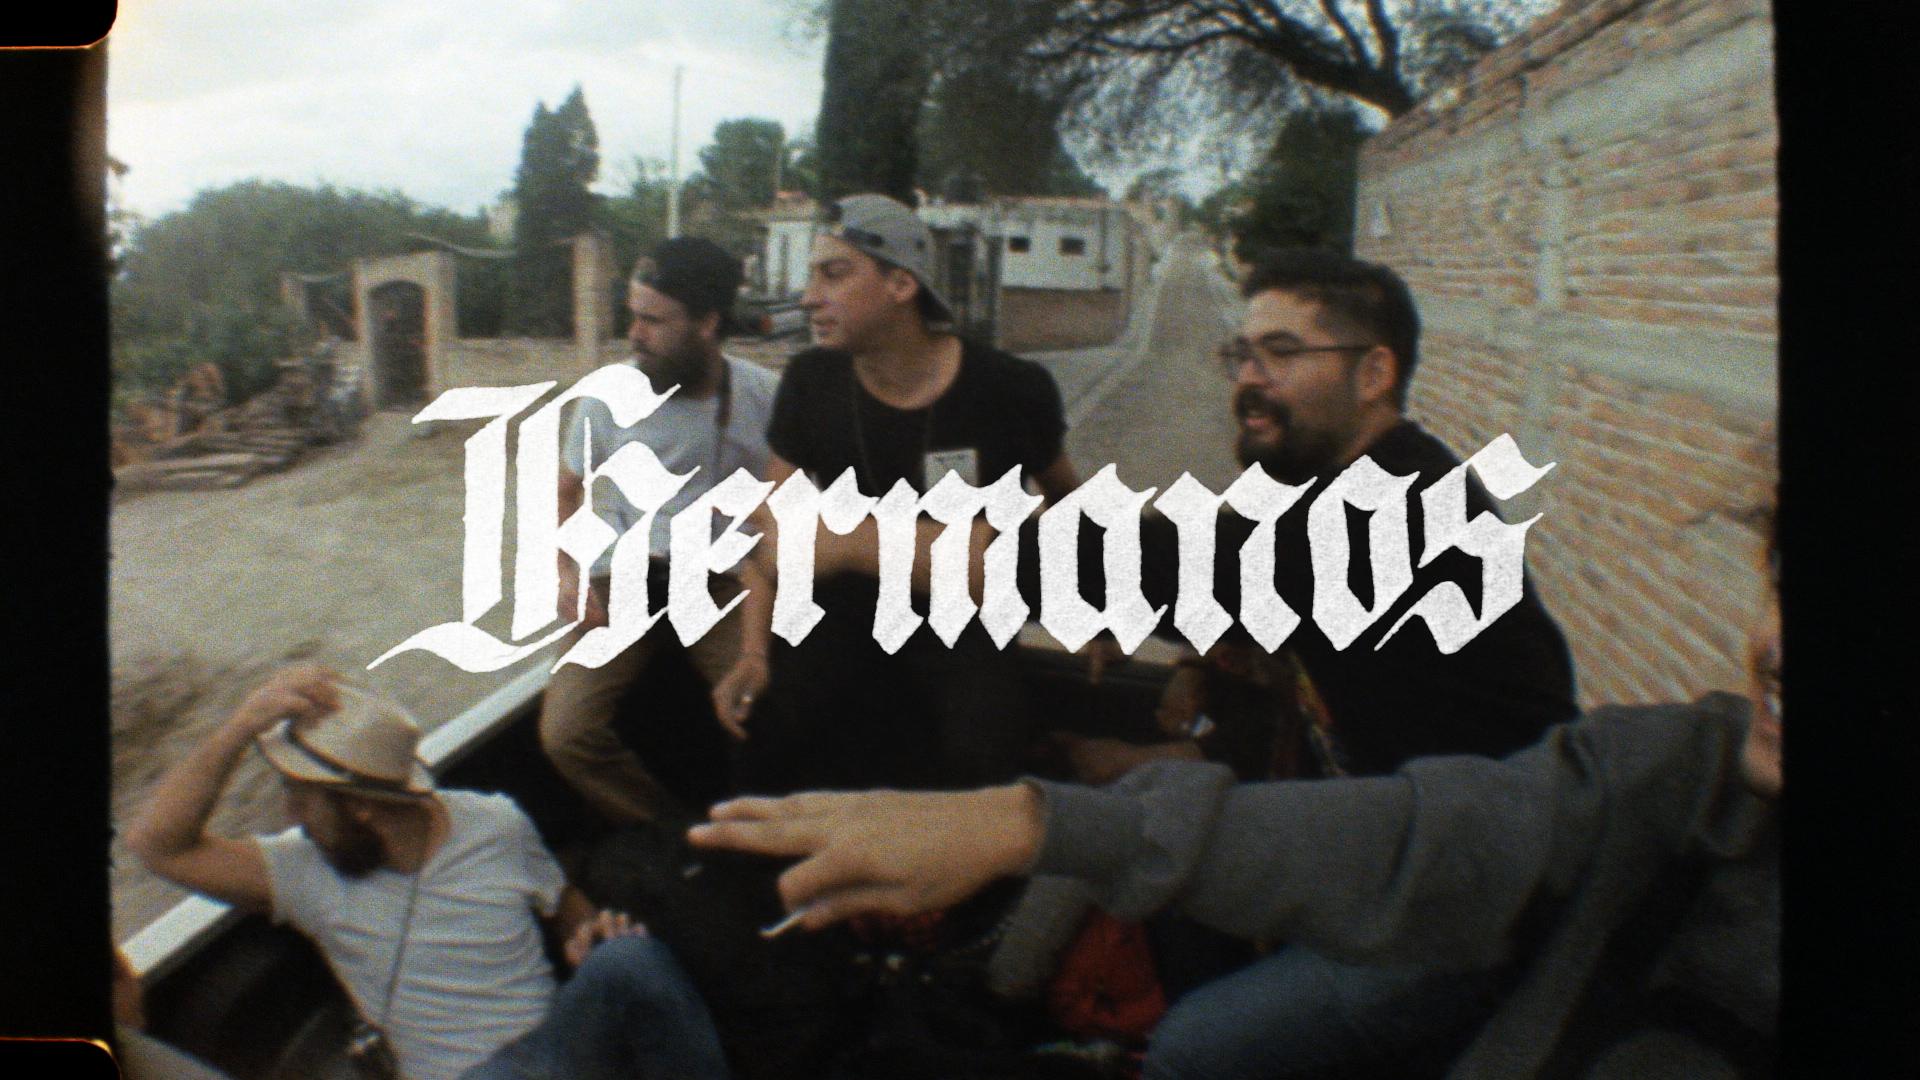 HERMANOS_01_MEXICO_DIGITAL_FINAL.01_00_44_22.Still001.jpg